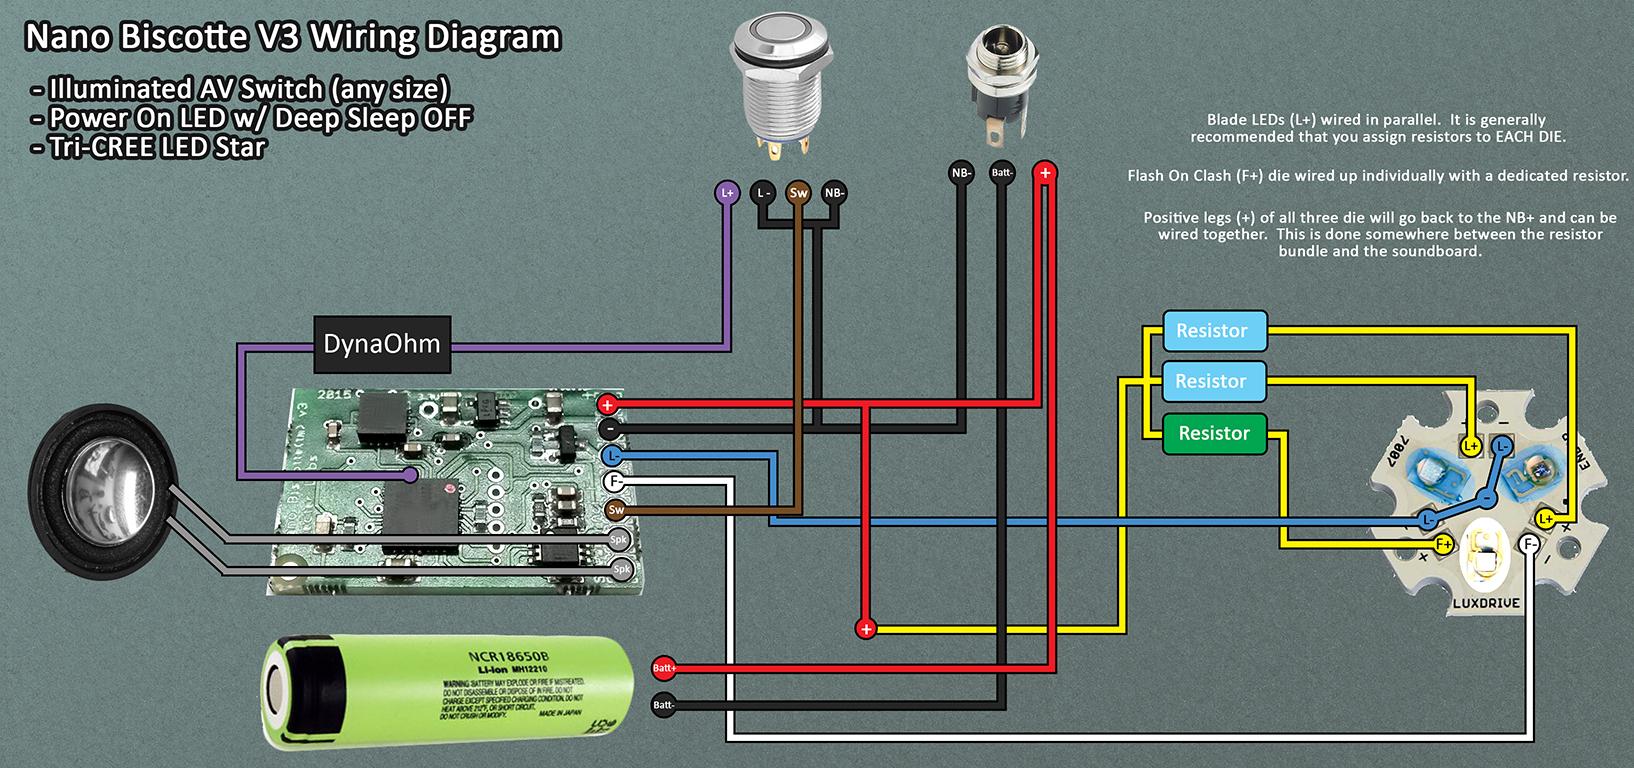 Nano Biscotte V3 Wiring Example - Nano Biscotte V4 Wiring Diagram